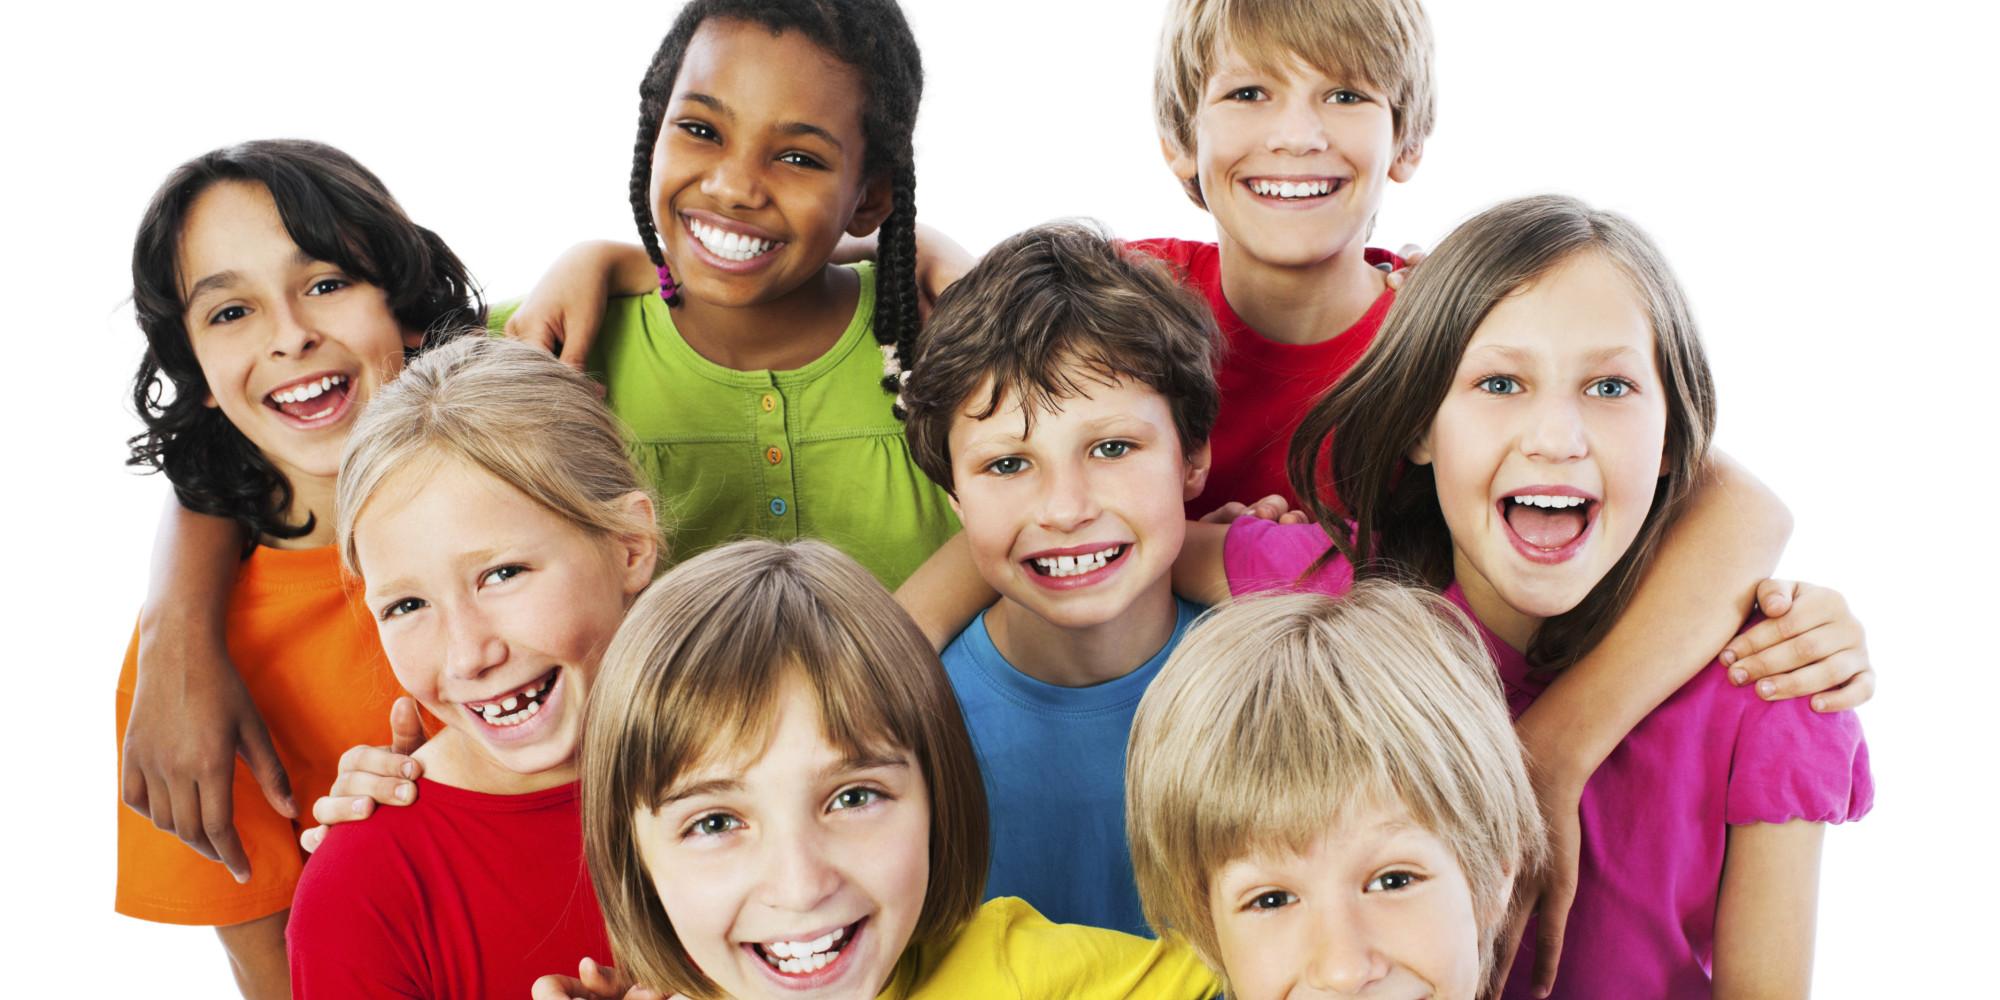 Children Smiling.jpg